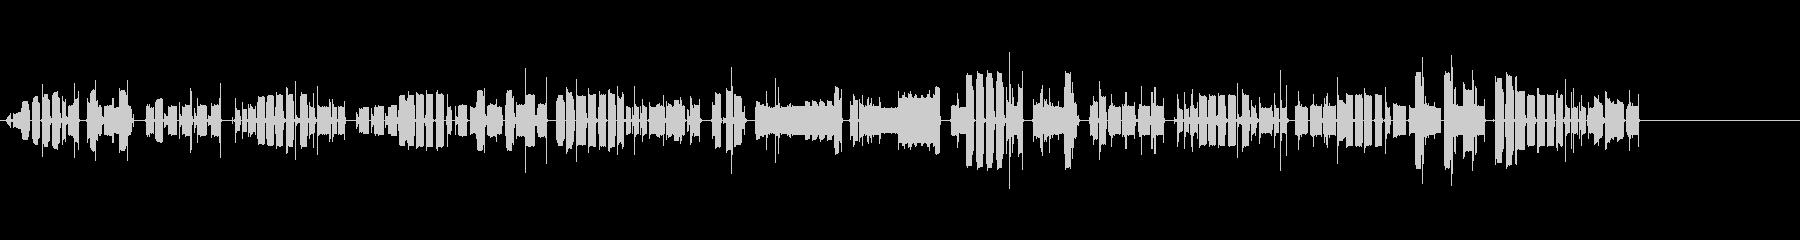 通信デジタルスタッターの未再生の波形